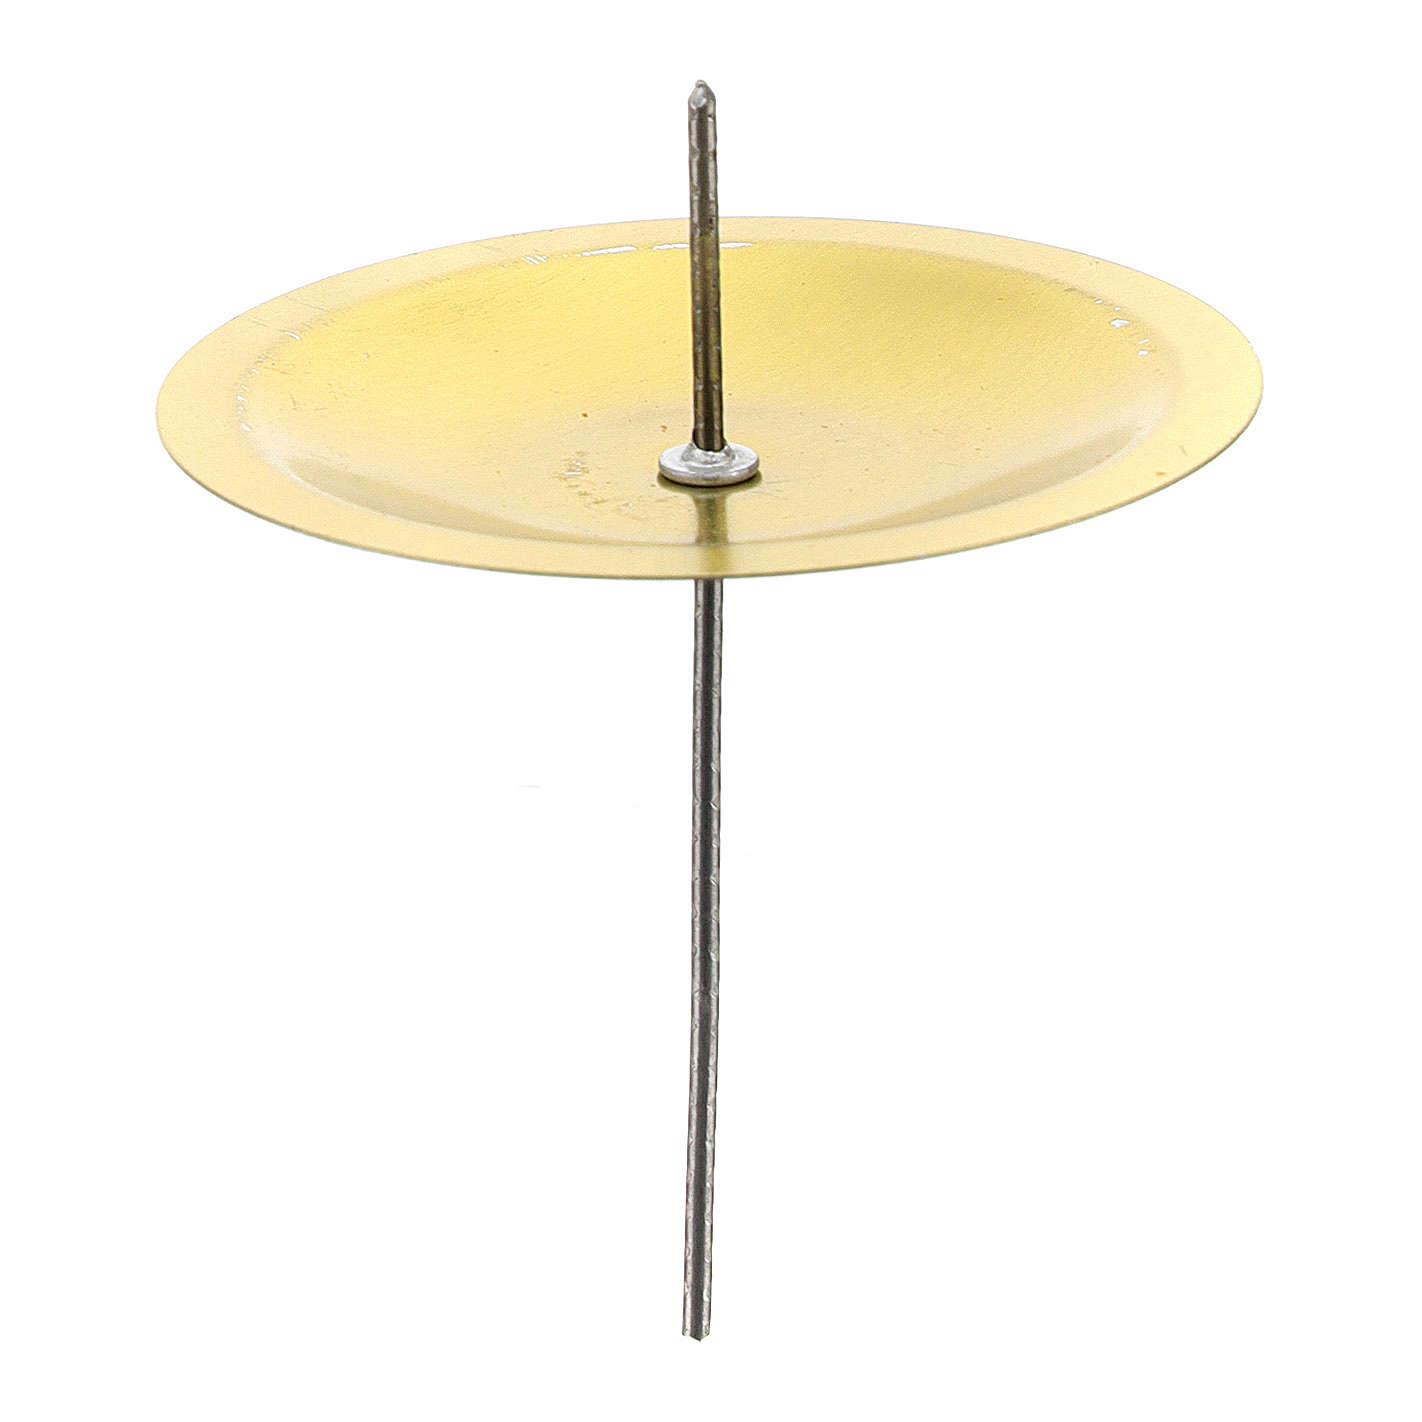 Piques porte-bougies pour Avent 4 pcs laiton doré diam. 5 cm 3